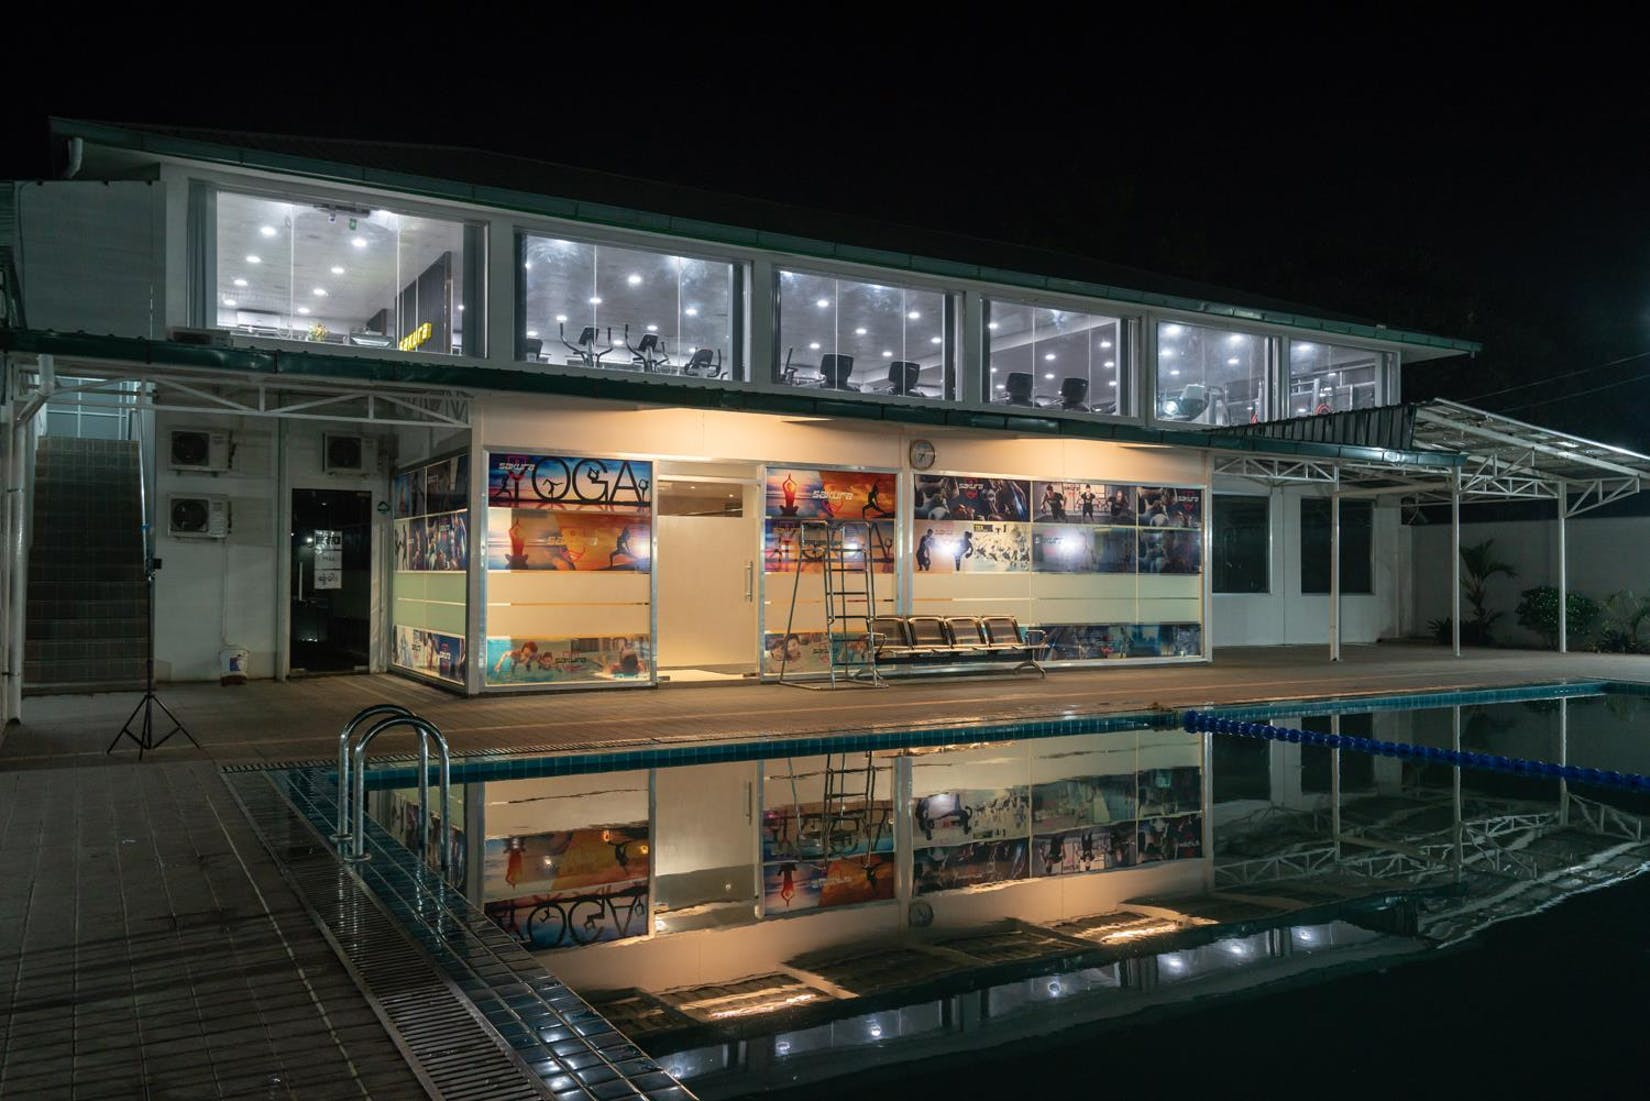 Sakura Pool & Fitness | Beauty